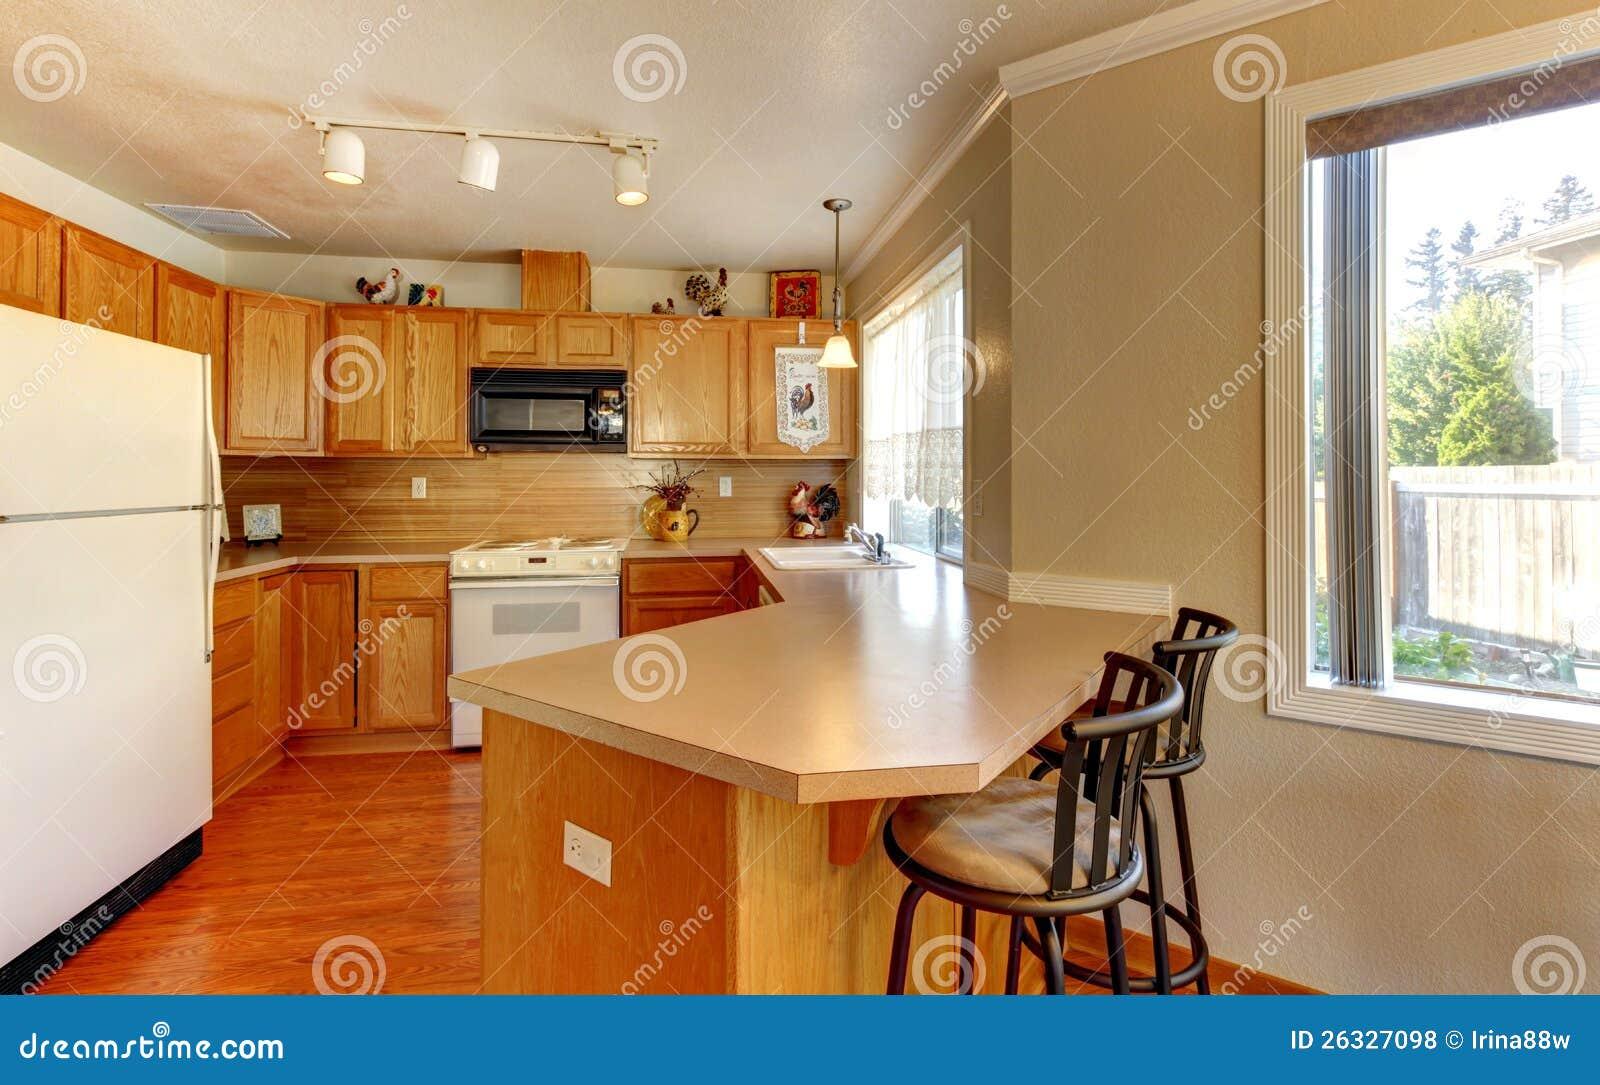 #B34807 Cozinha De Madeira Americana Padrão Simples Com Assoalho De Folhosa  1300x898 px Cadeira De Cozinha Americana Preço #1595 imagens